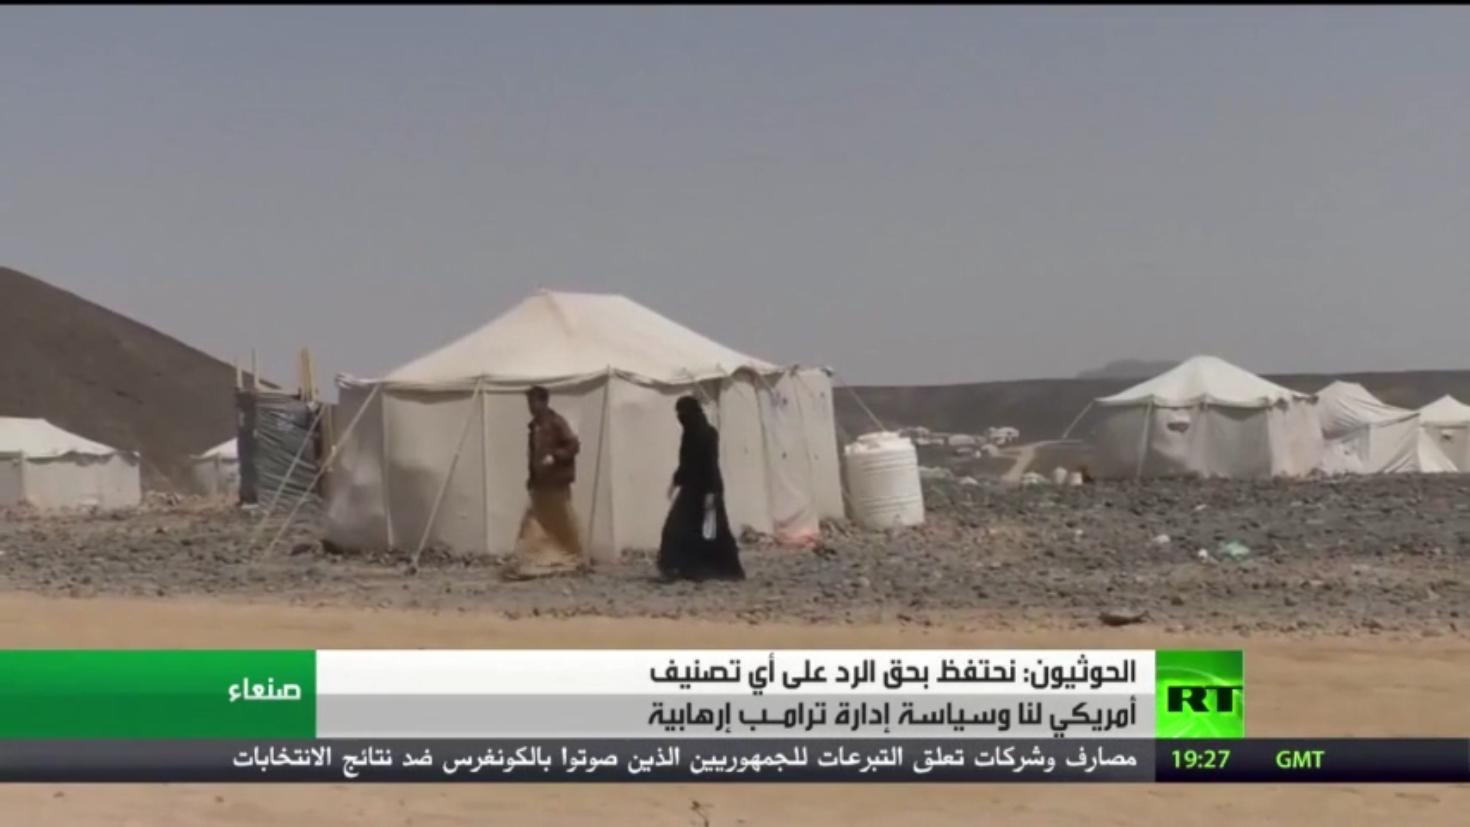 الحوثيون: نحتفظ بحق الرد على قرار واشنطن